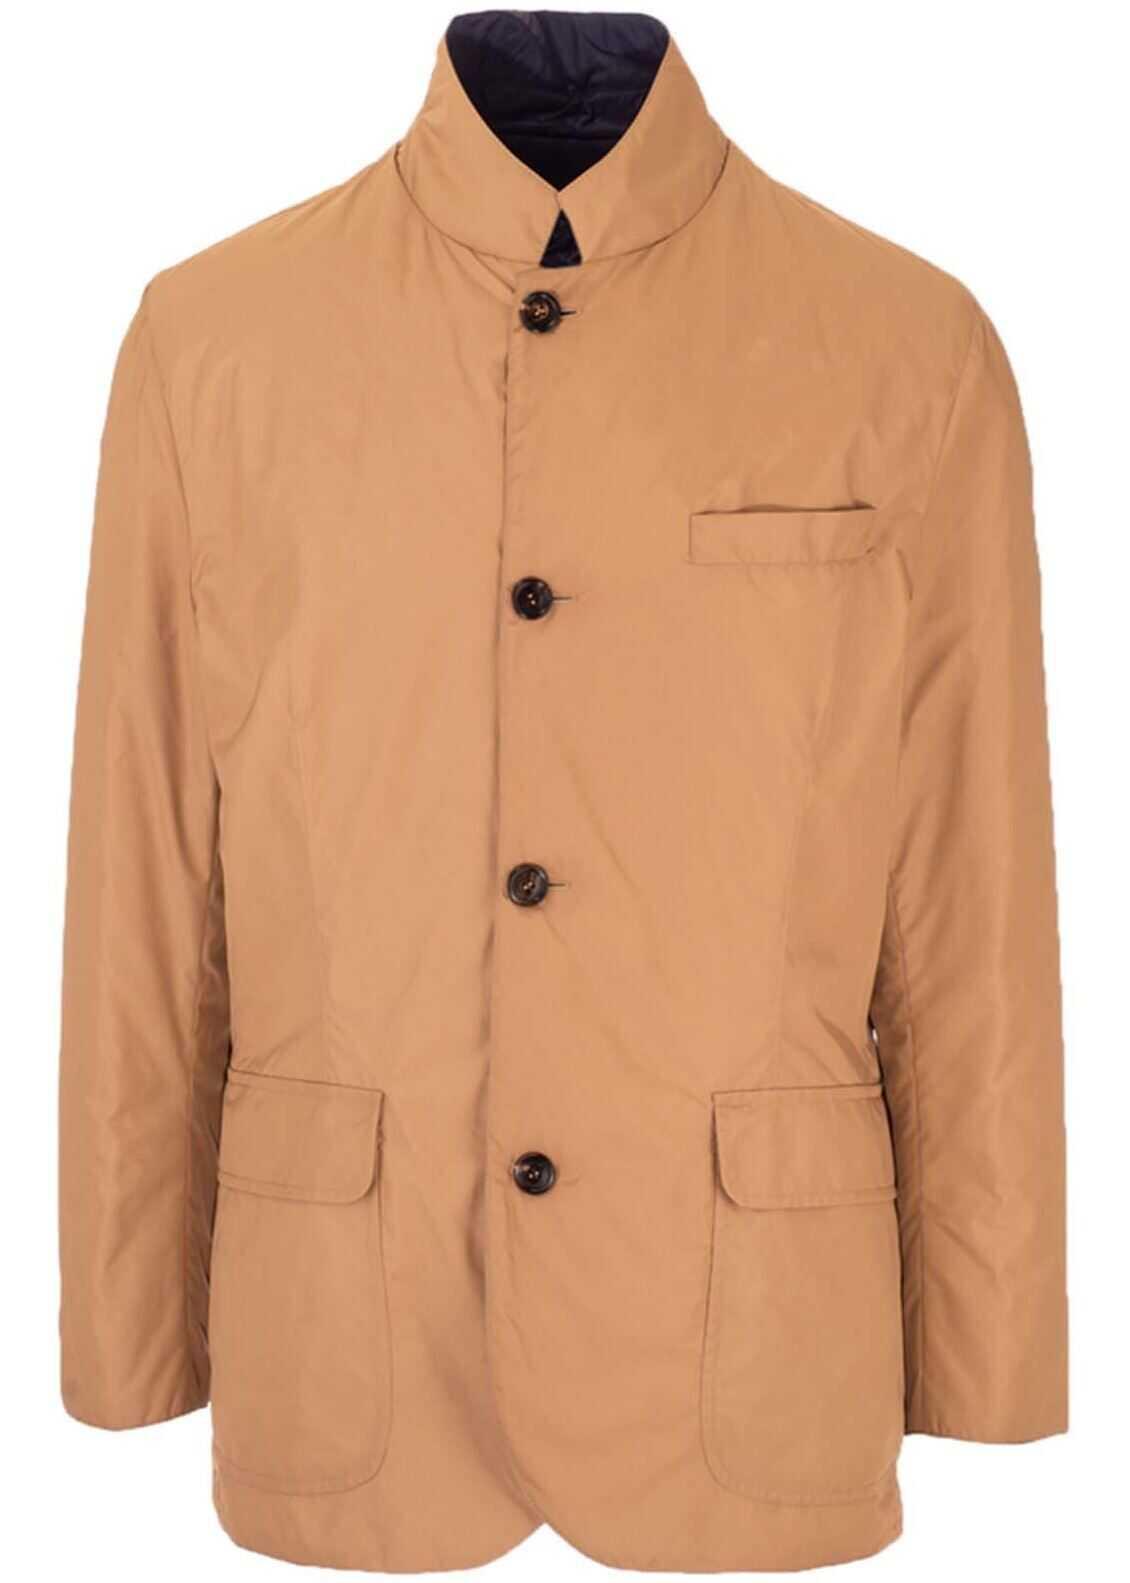 Brunello Cucinelli Jacket In Brown Brown imagine